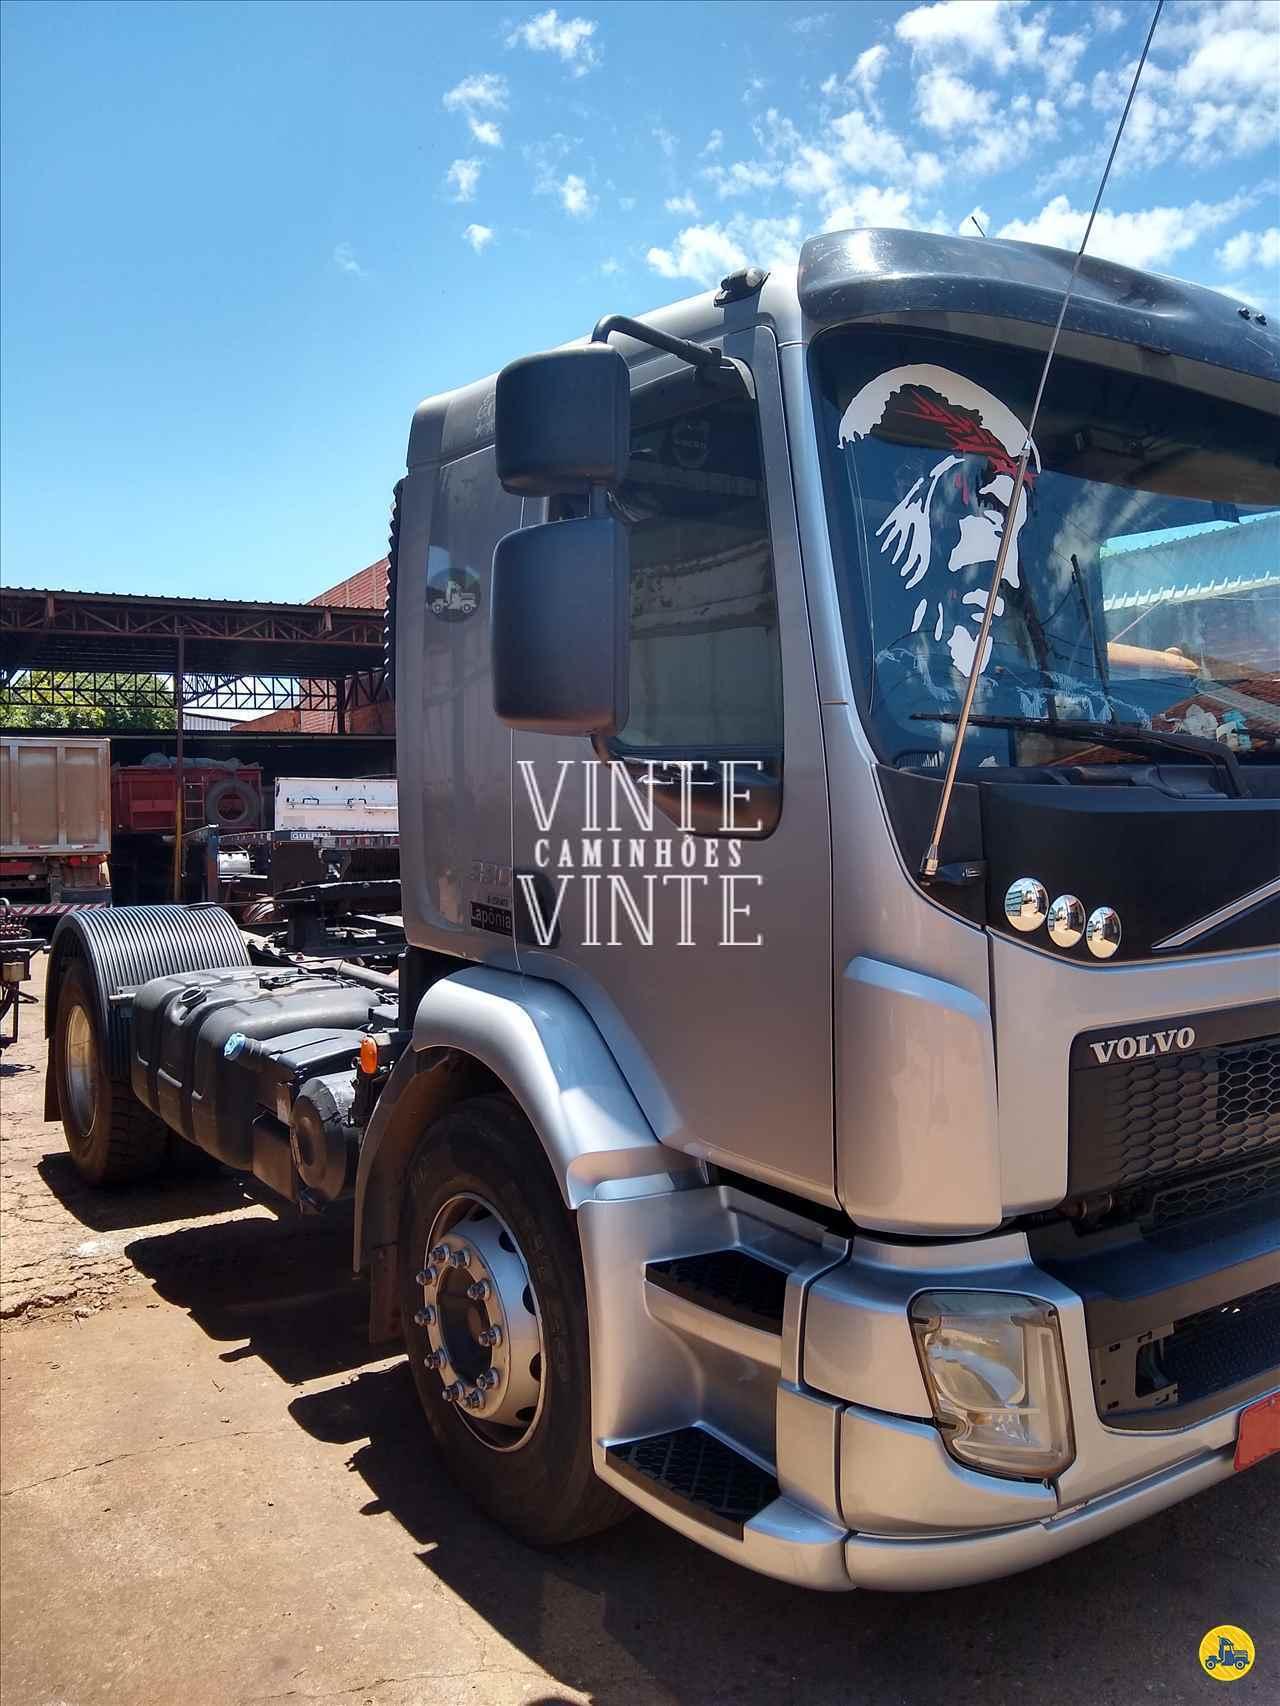 CAMINHAO VOLVO VOLVO VM 330 Cavalo Mecânico Toco 4x2 Vinte-Vinte Caminhões SANTO ANDRE SÃO PAULO SP